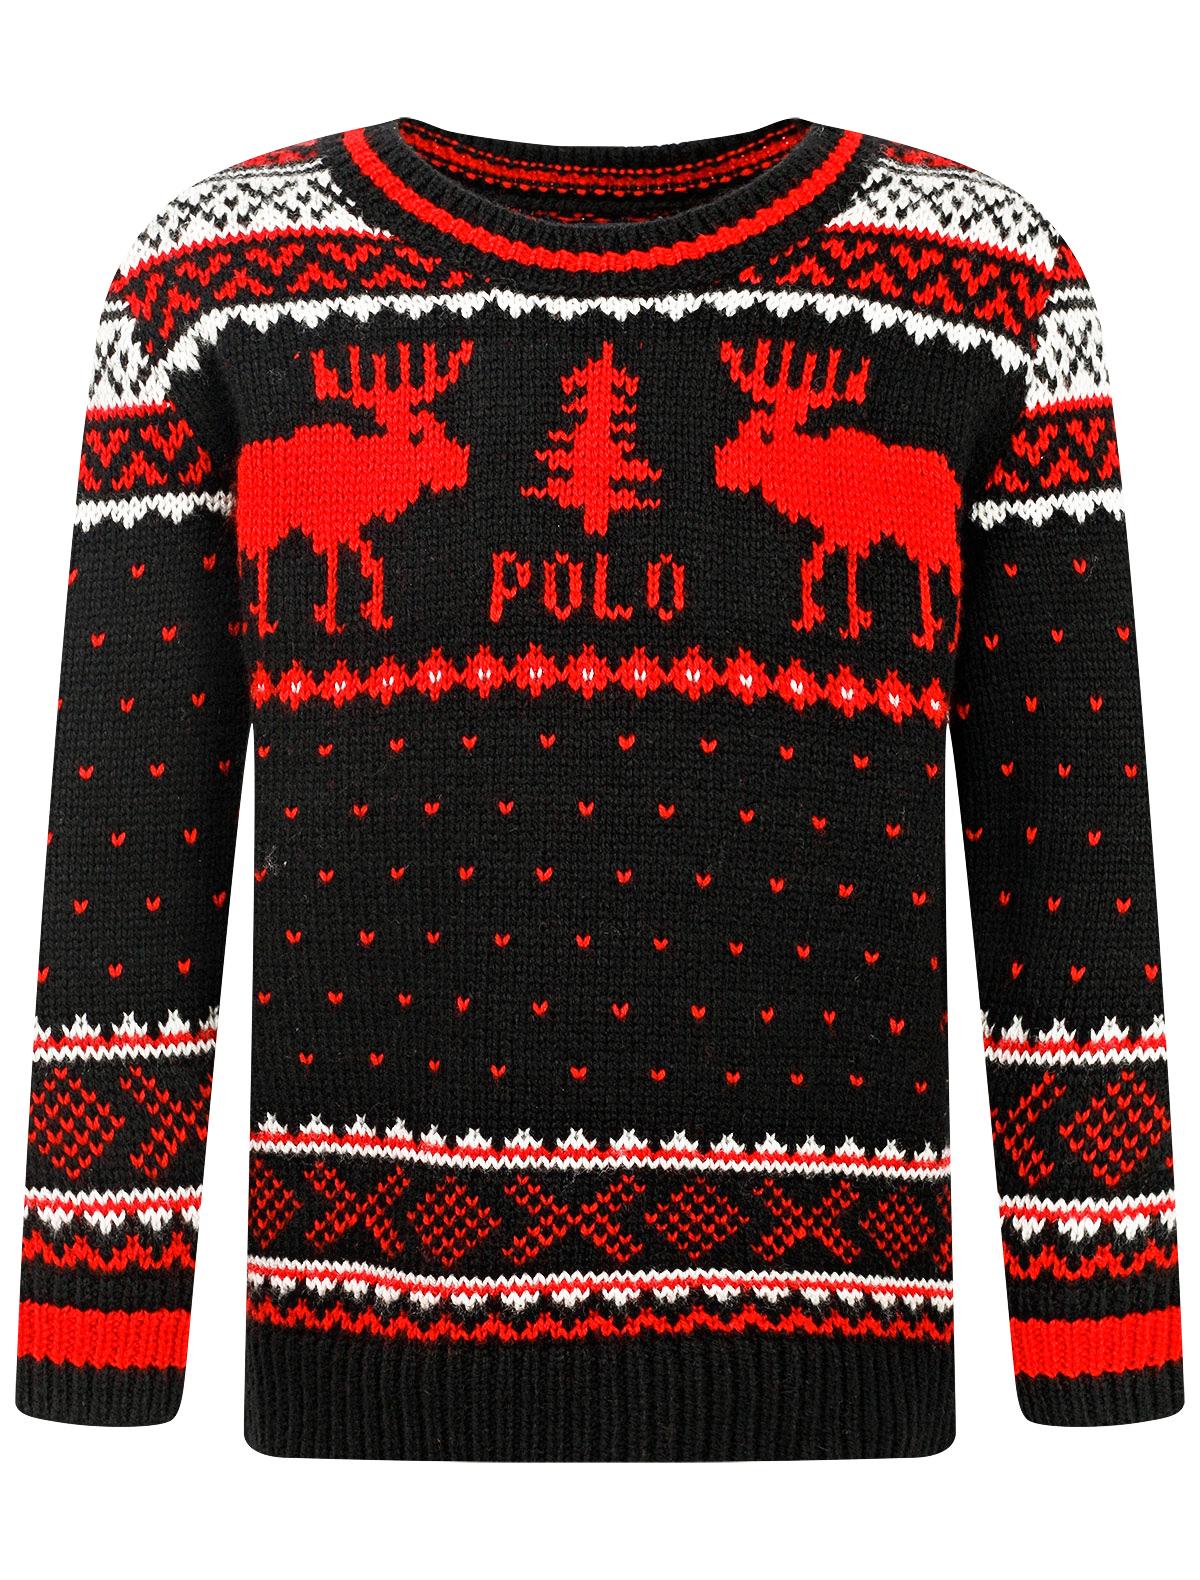 Купить Джемпер Polo Ralph Lauren для мальчиков 321765731001(322765731001) (BLACK MU) черный 110,